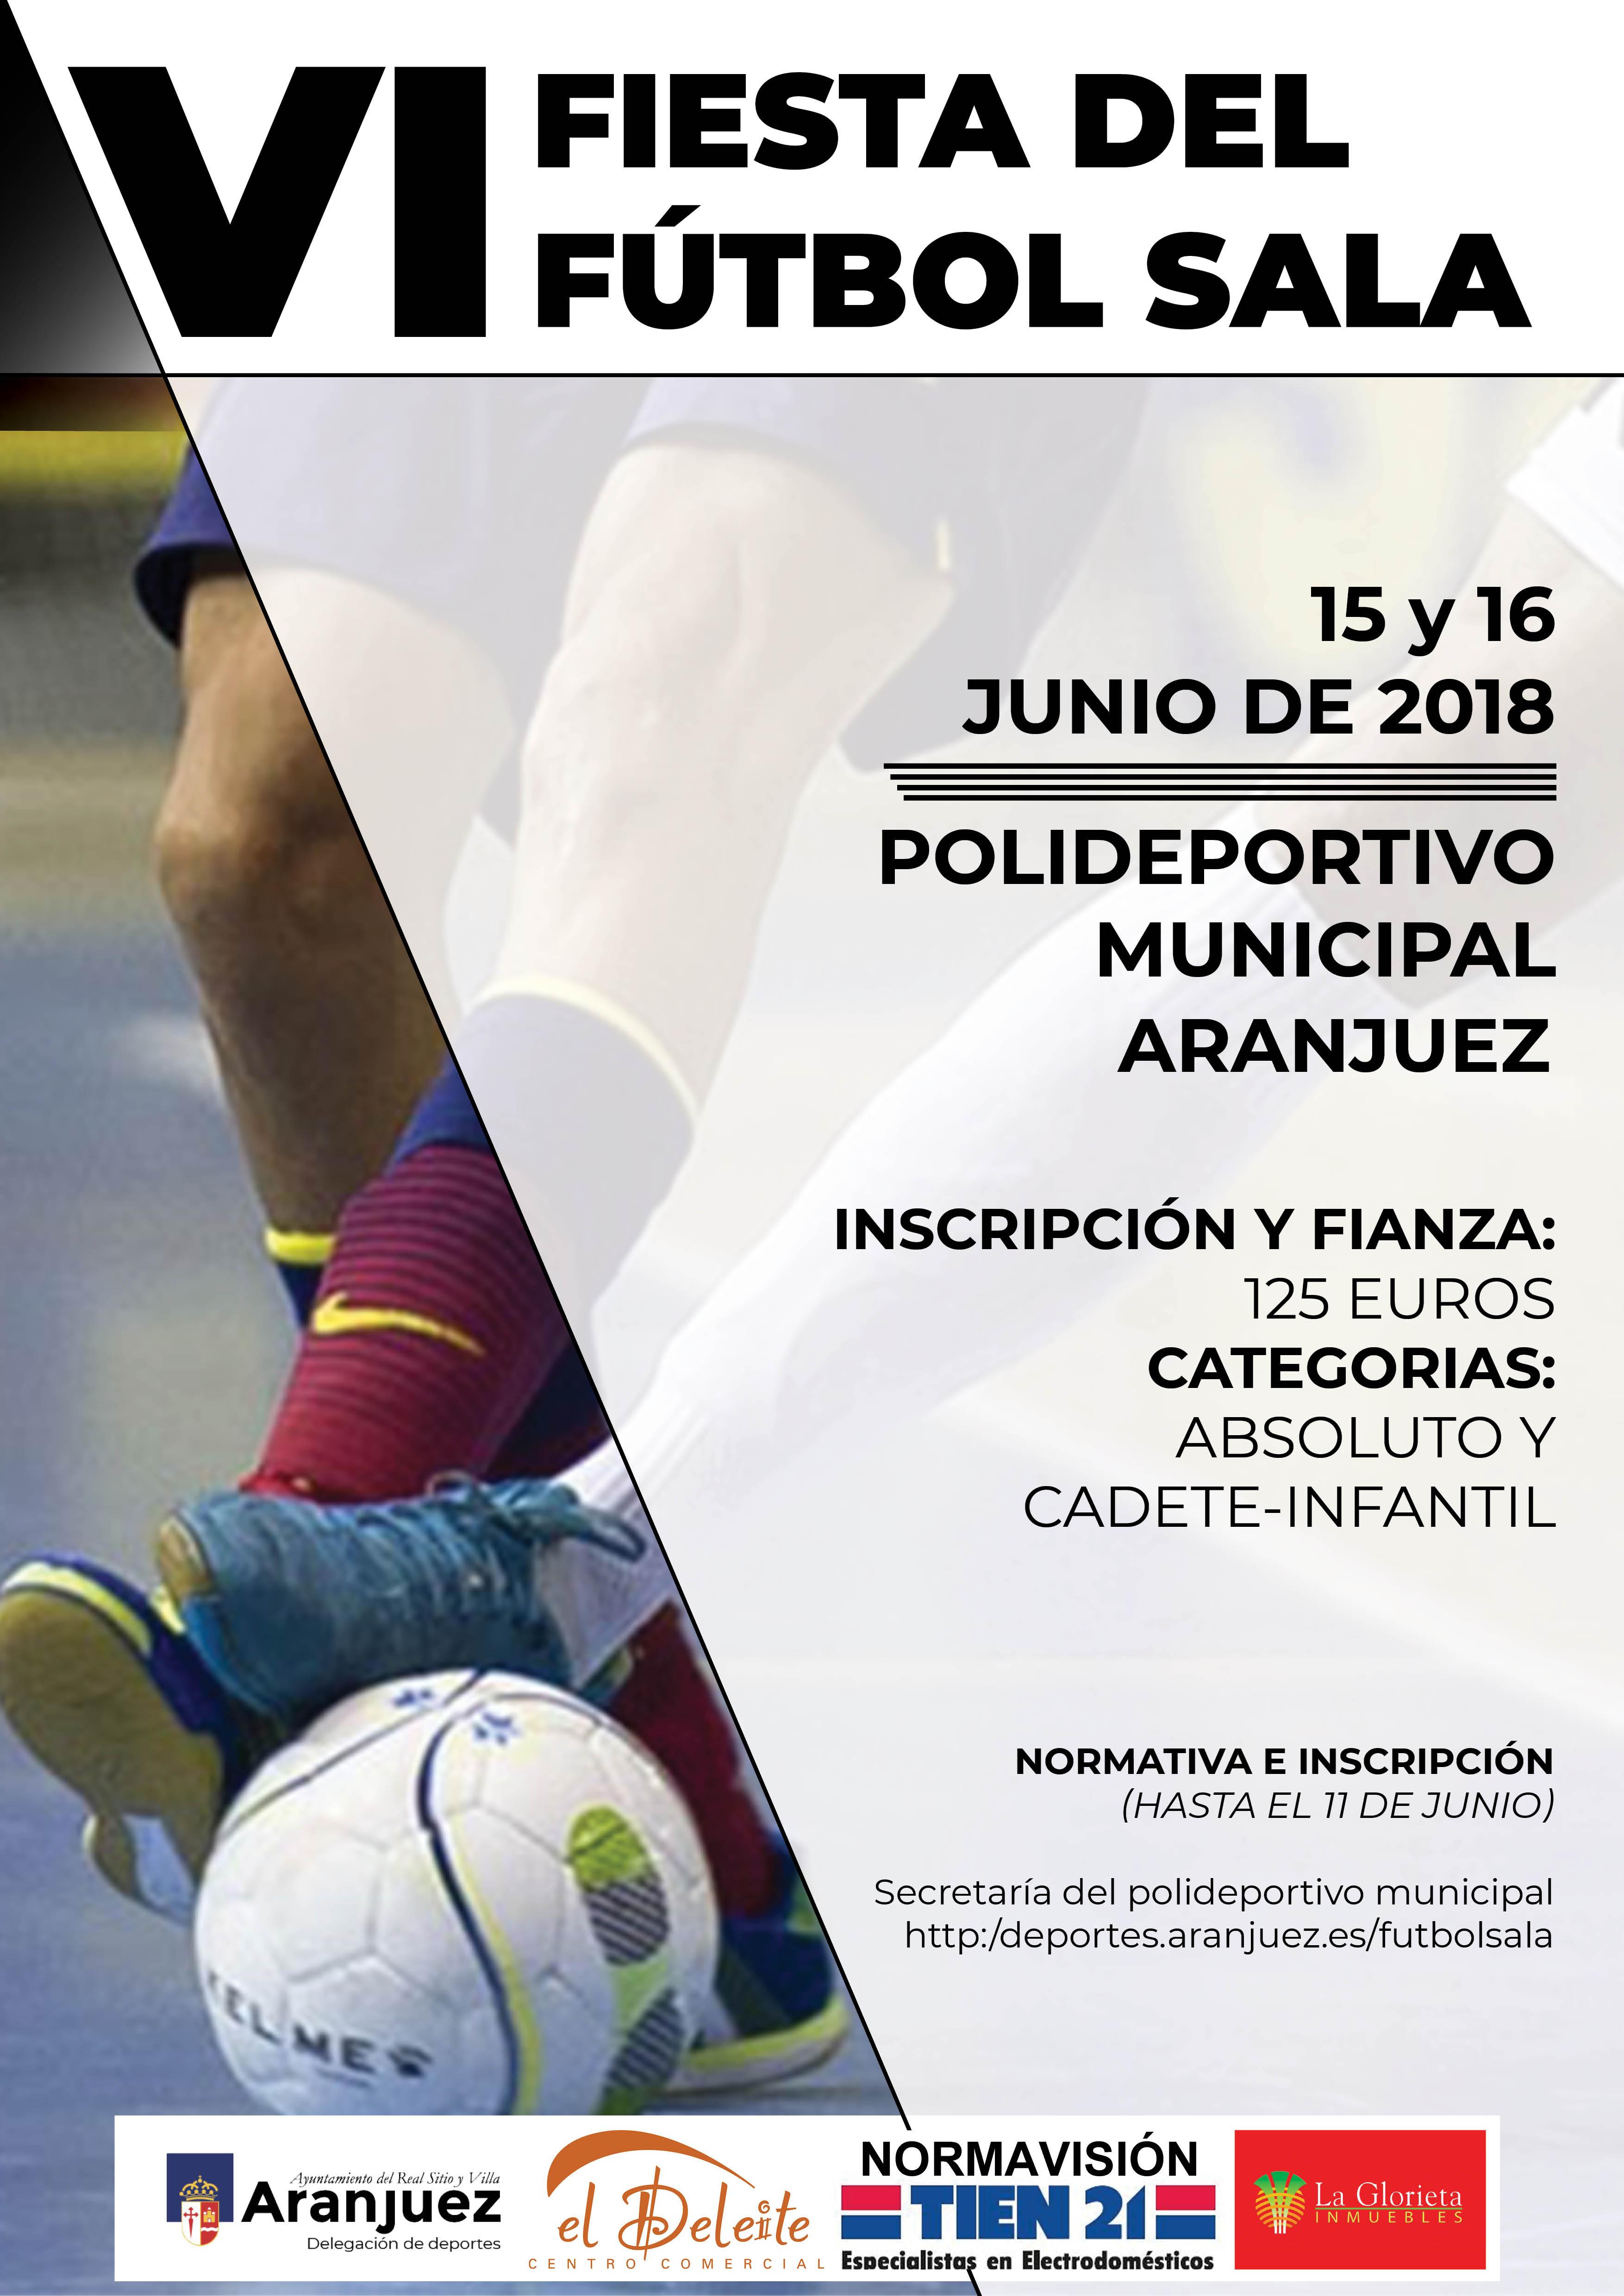 VI Fiesta del Fútbol Sala – Delegación de Deportes 458a283e8394e